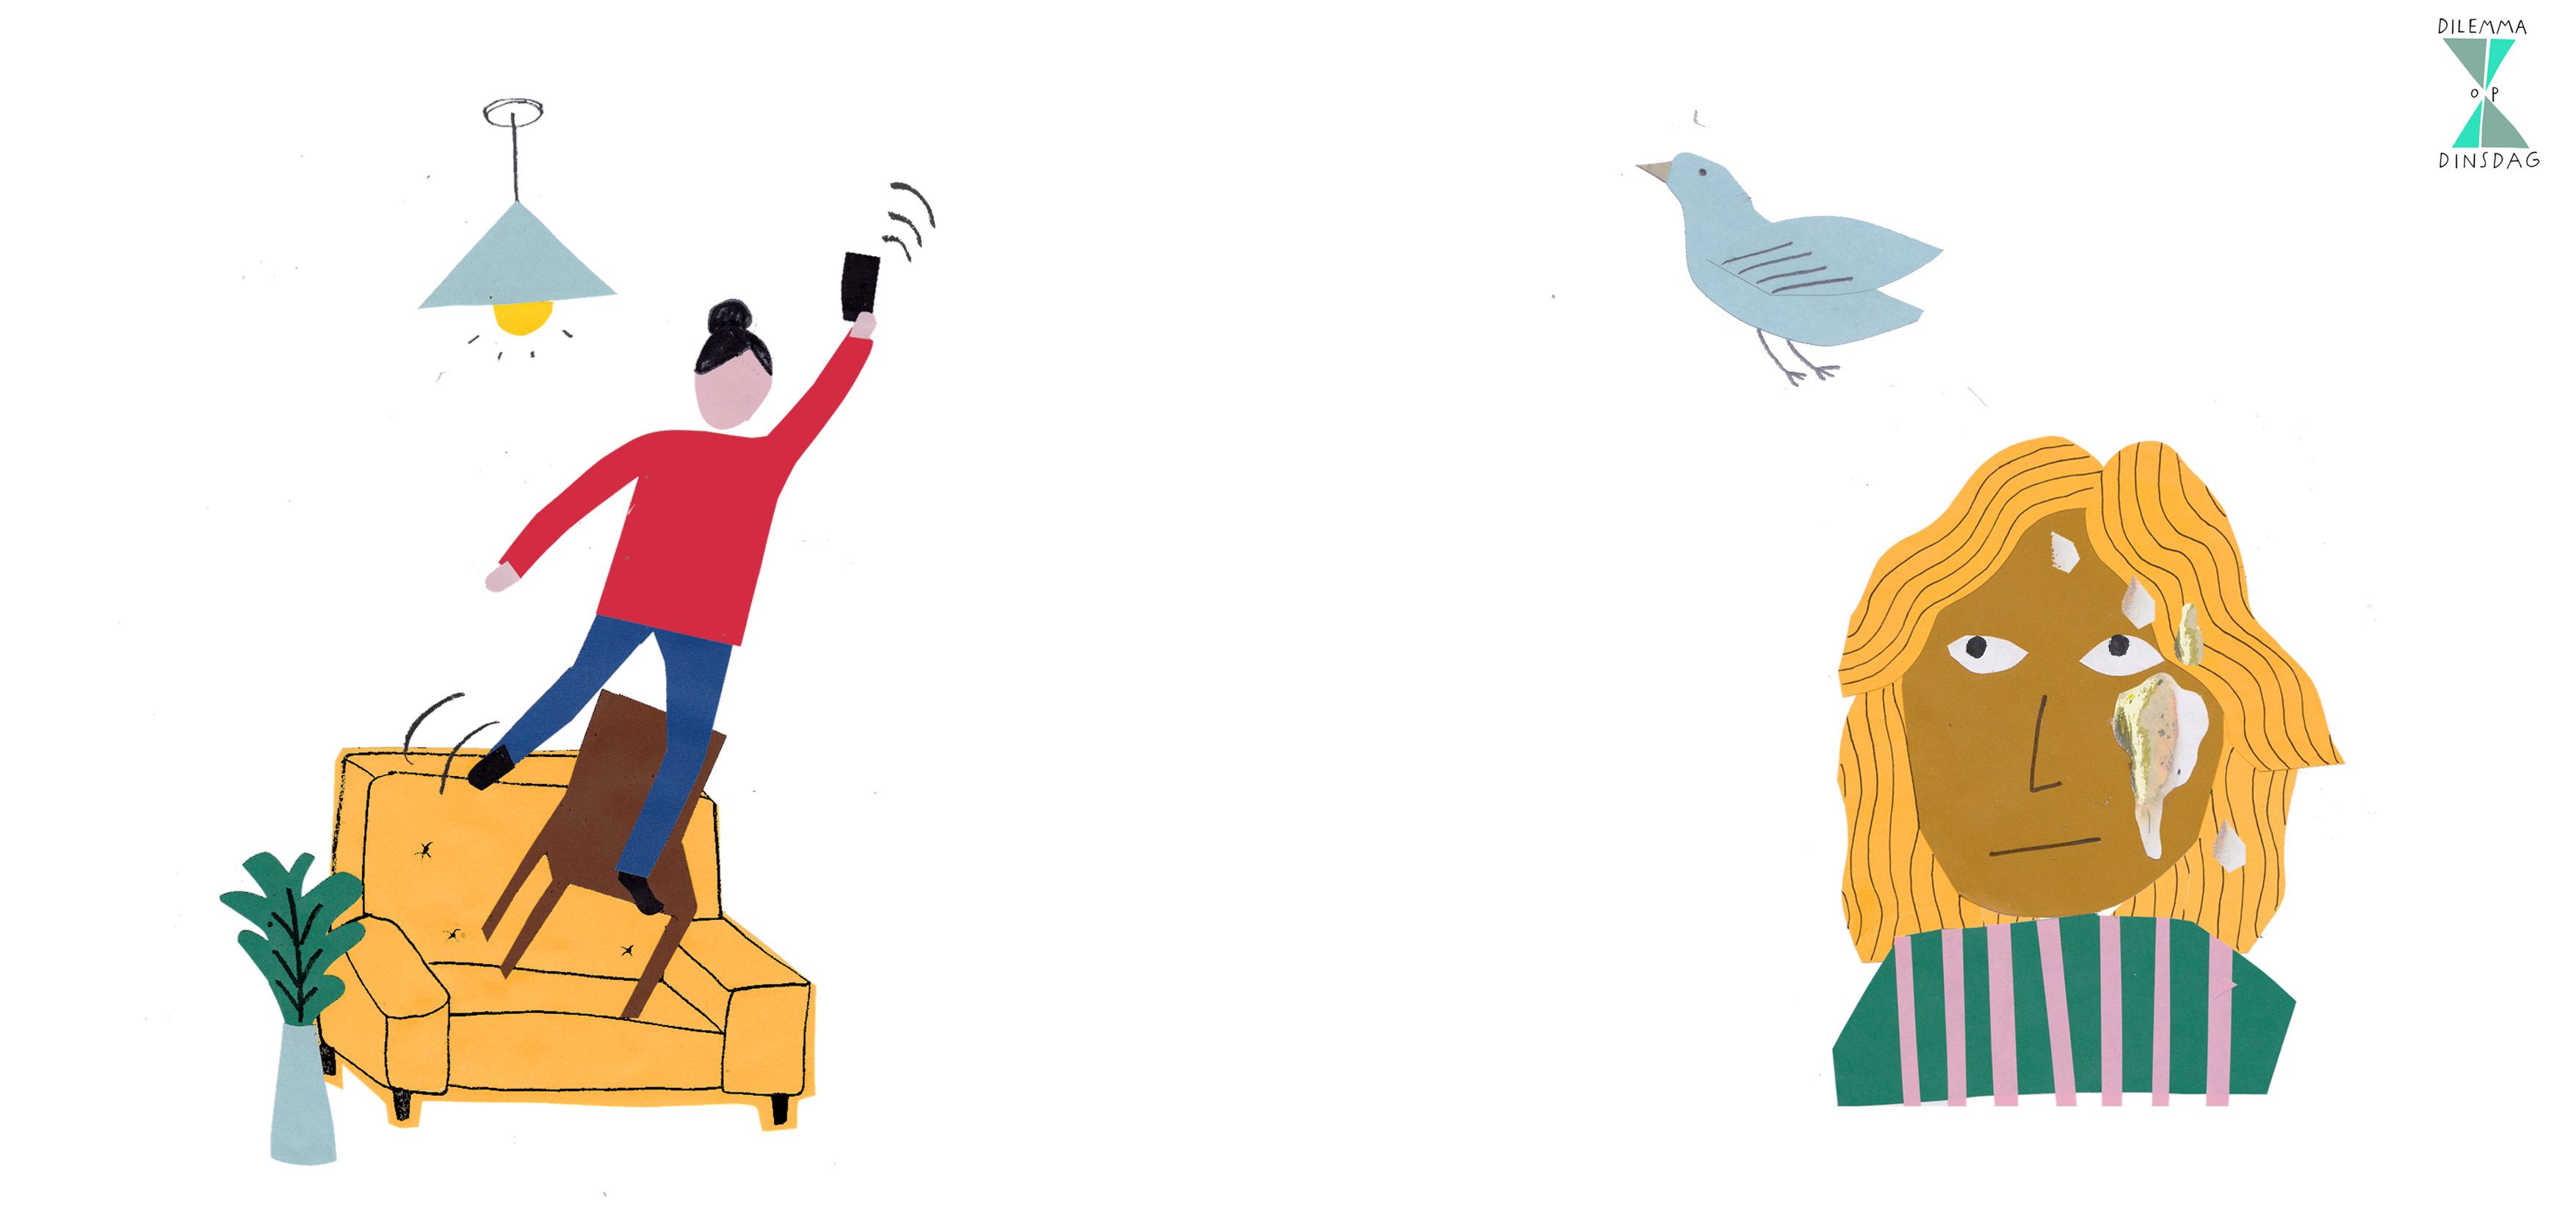 #360 altijd slechte wifi -OF- je wordt 1 keer per week onverwacht in je gezicht gepoept door een vogel